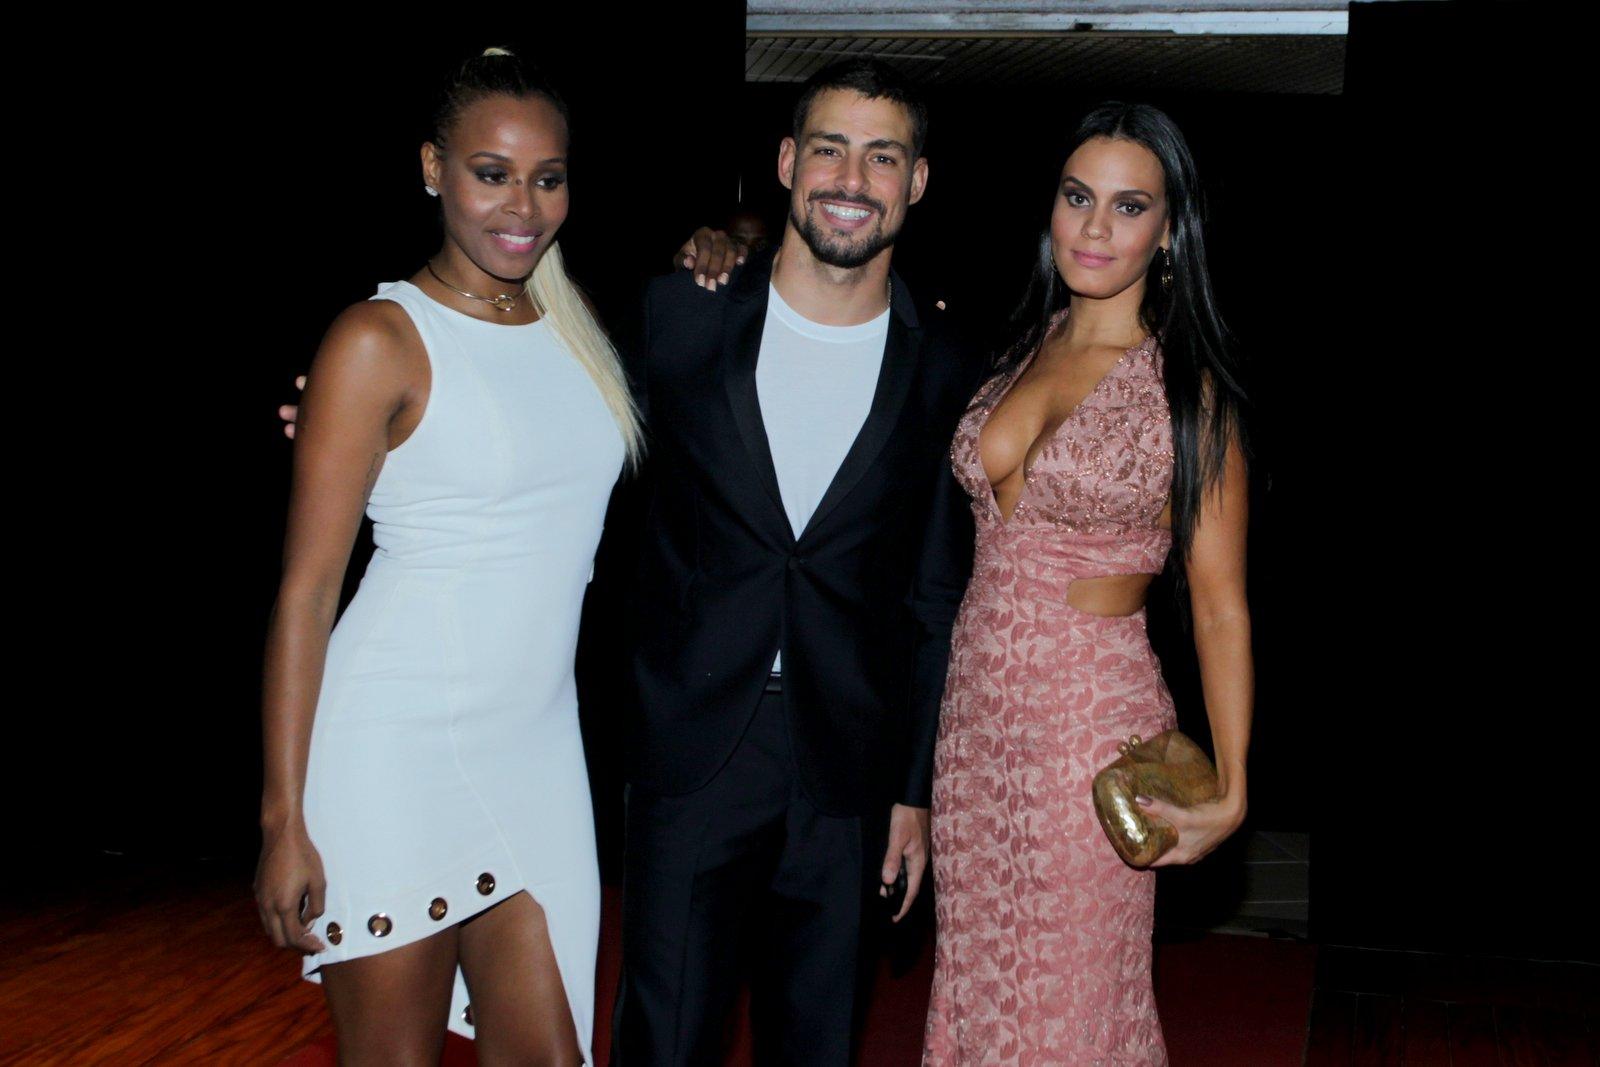 Roberta Rodrigues, Cauã Reymond e Leticia Lima em festa no Rio